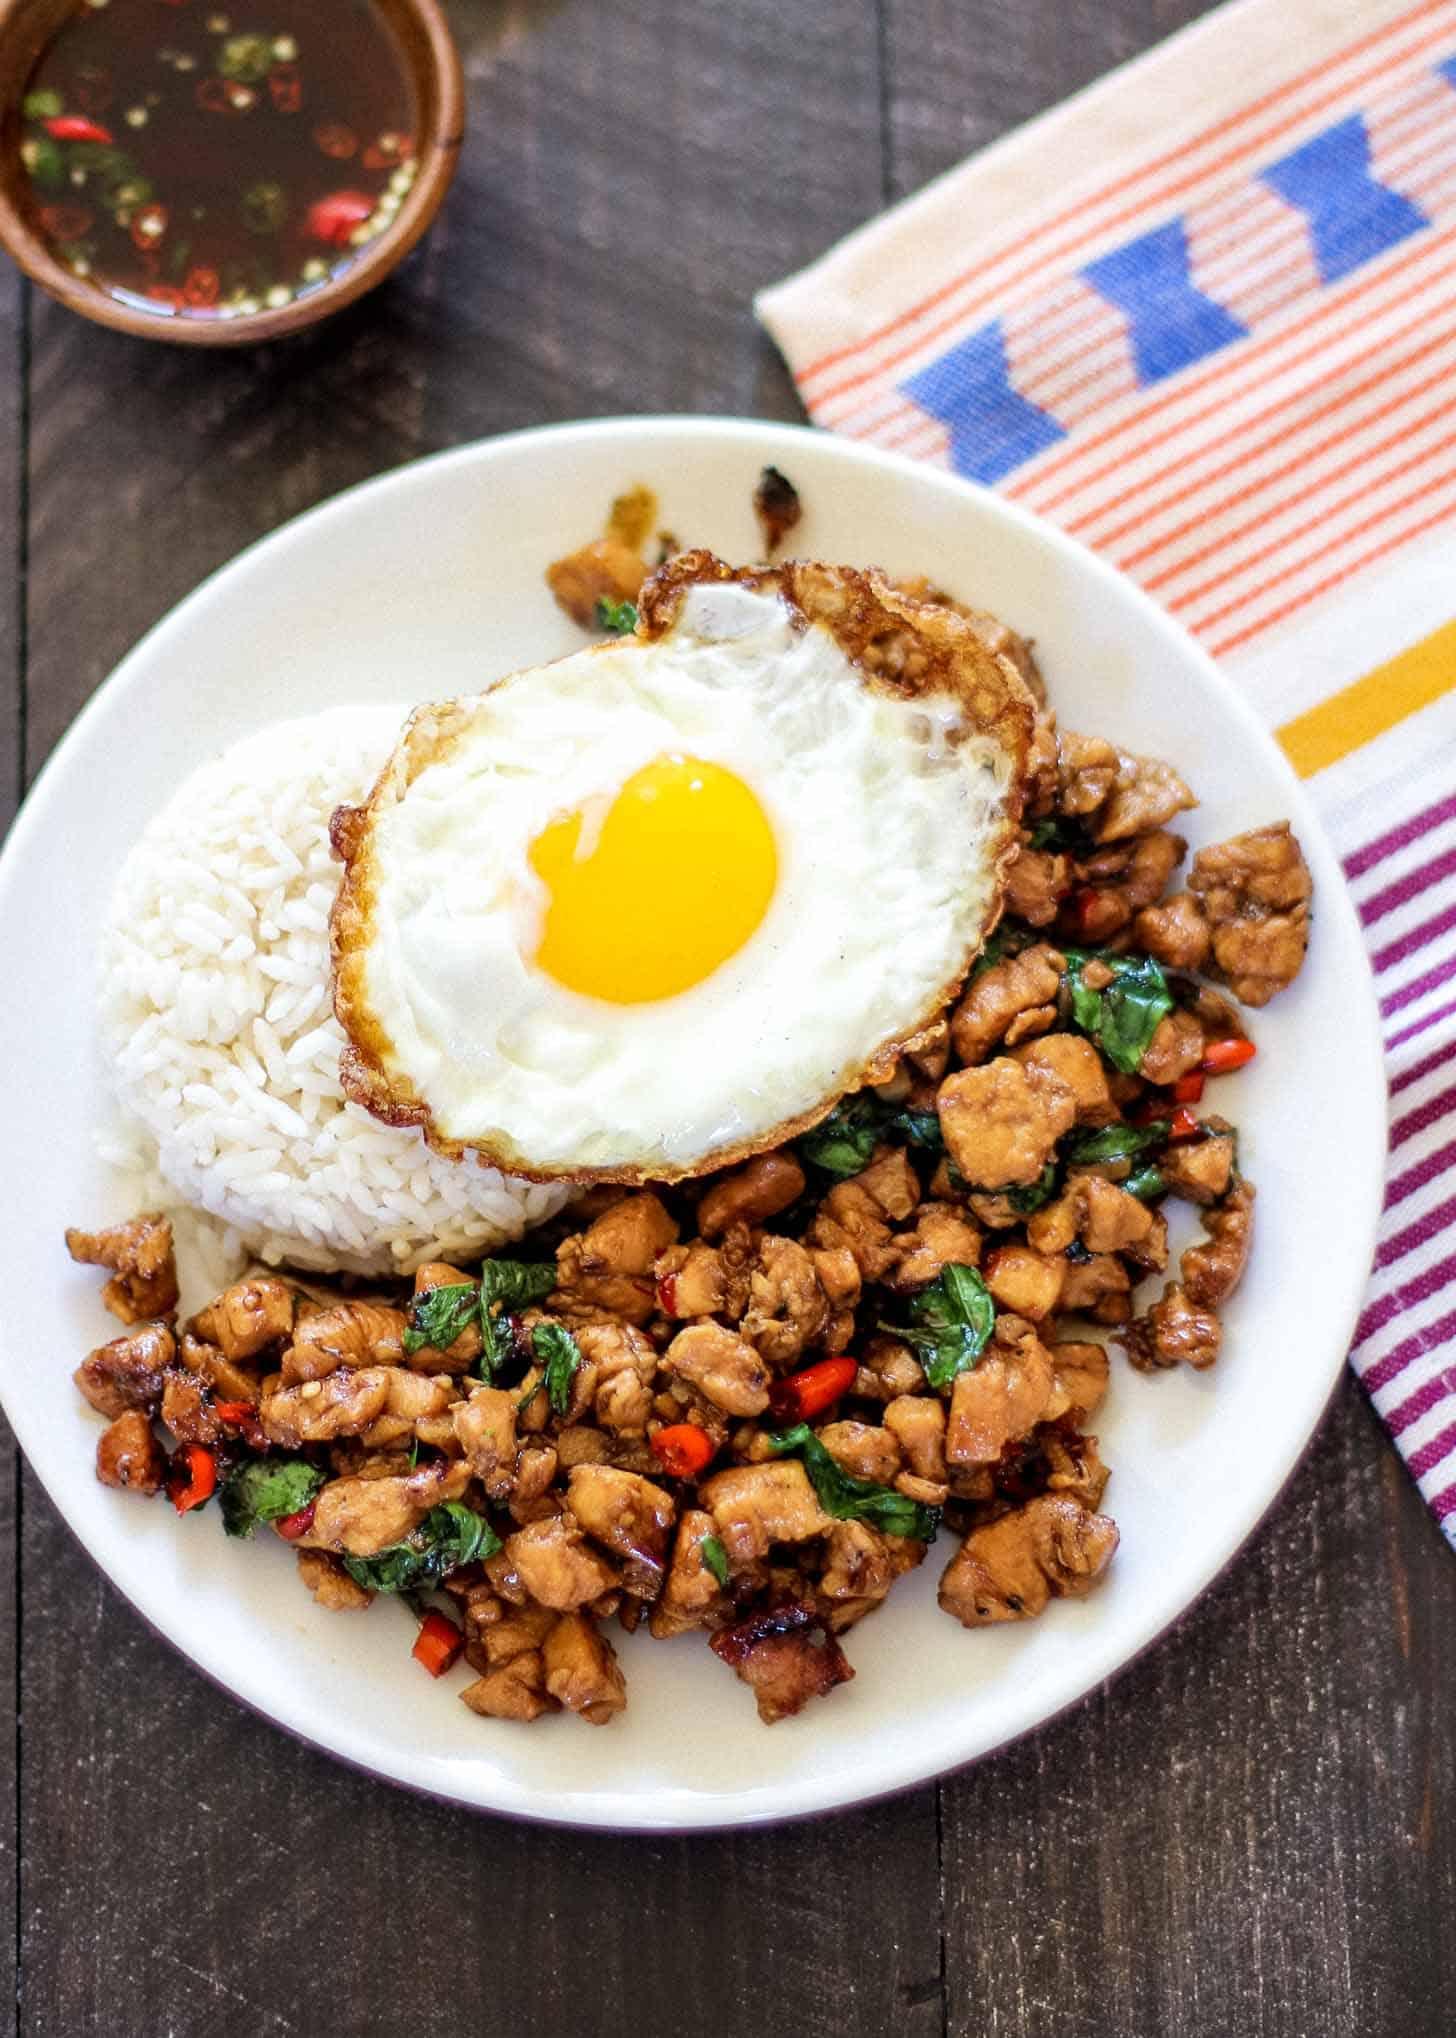 Thai Basil Chicken Pad Krapow Gai Inquiring Chef